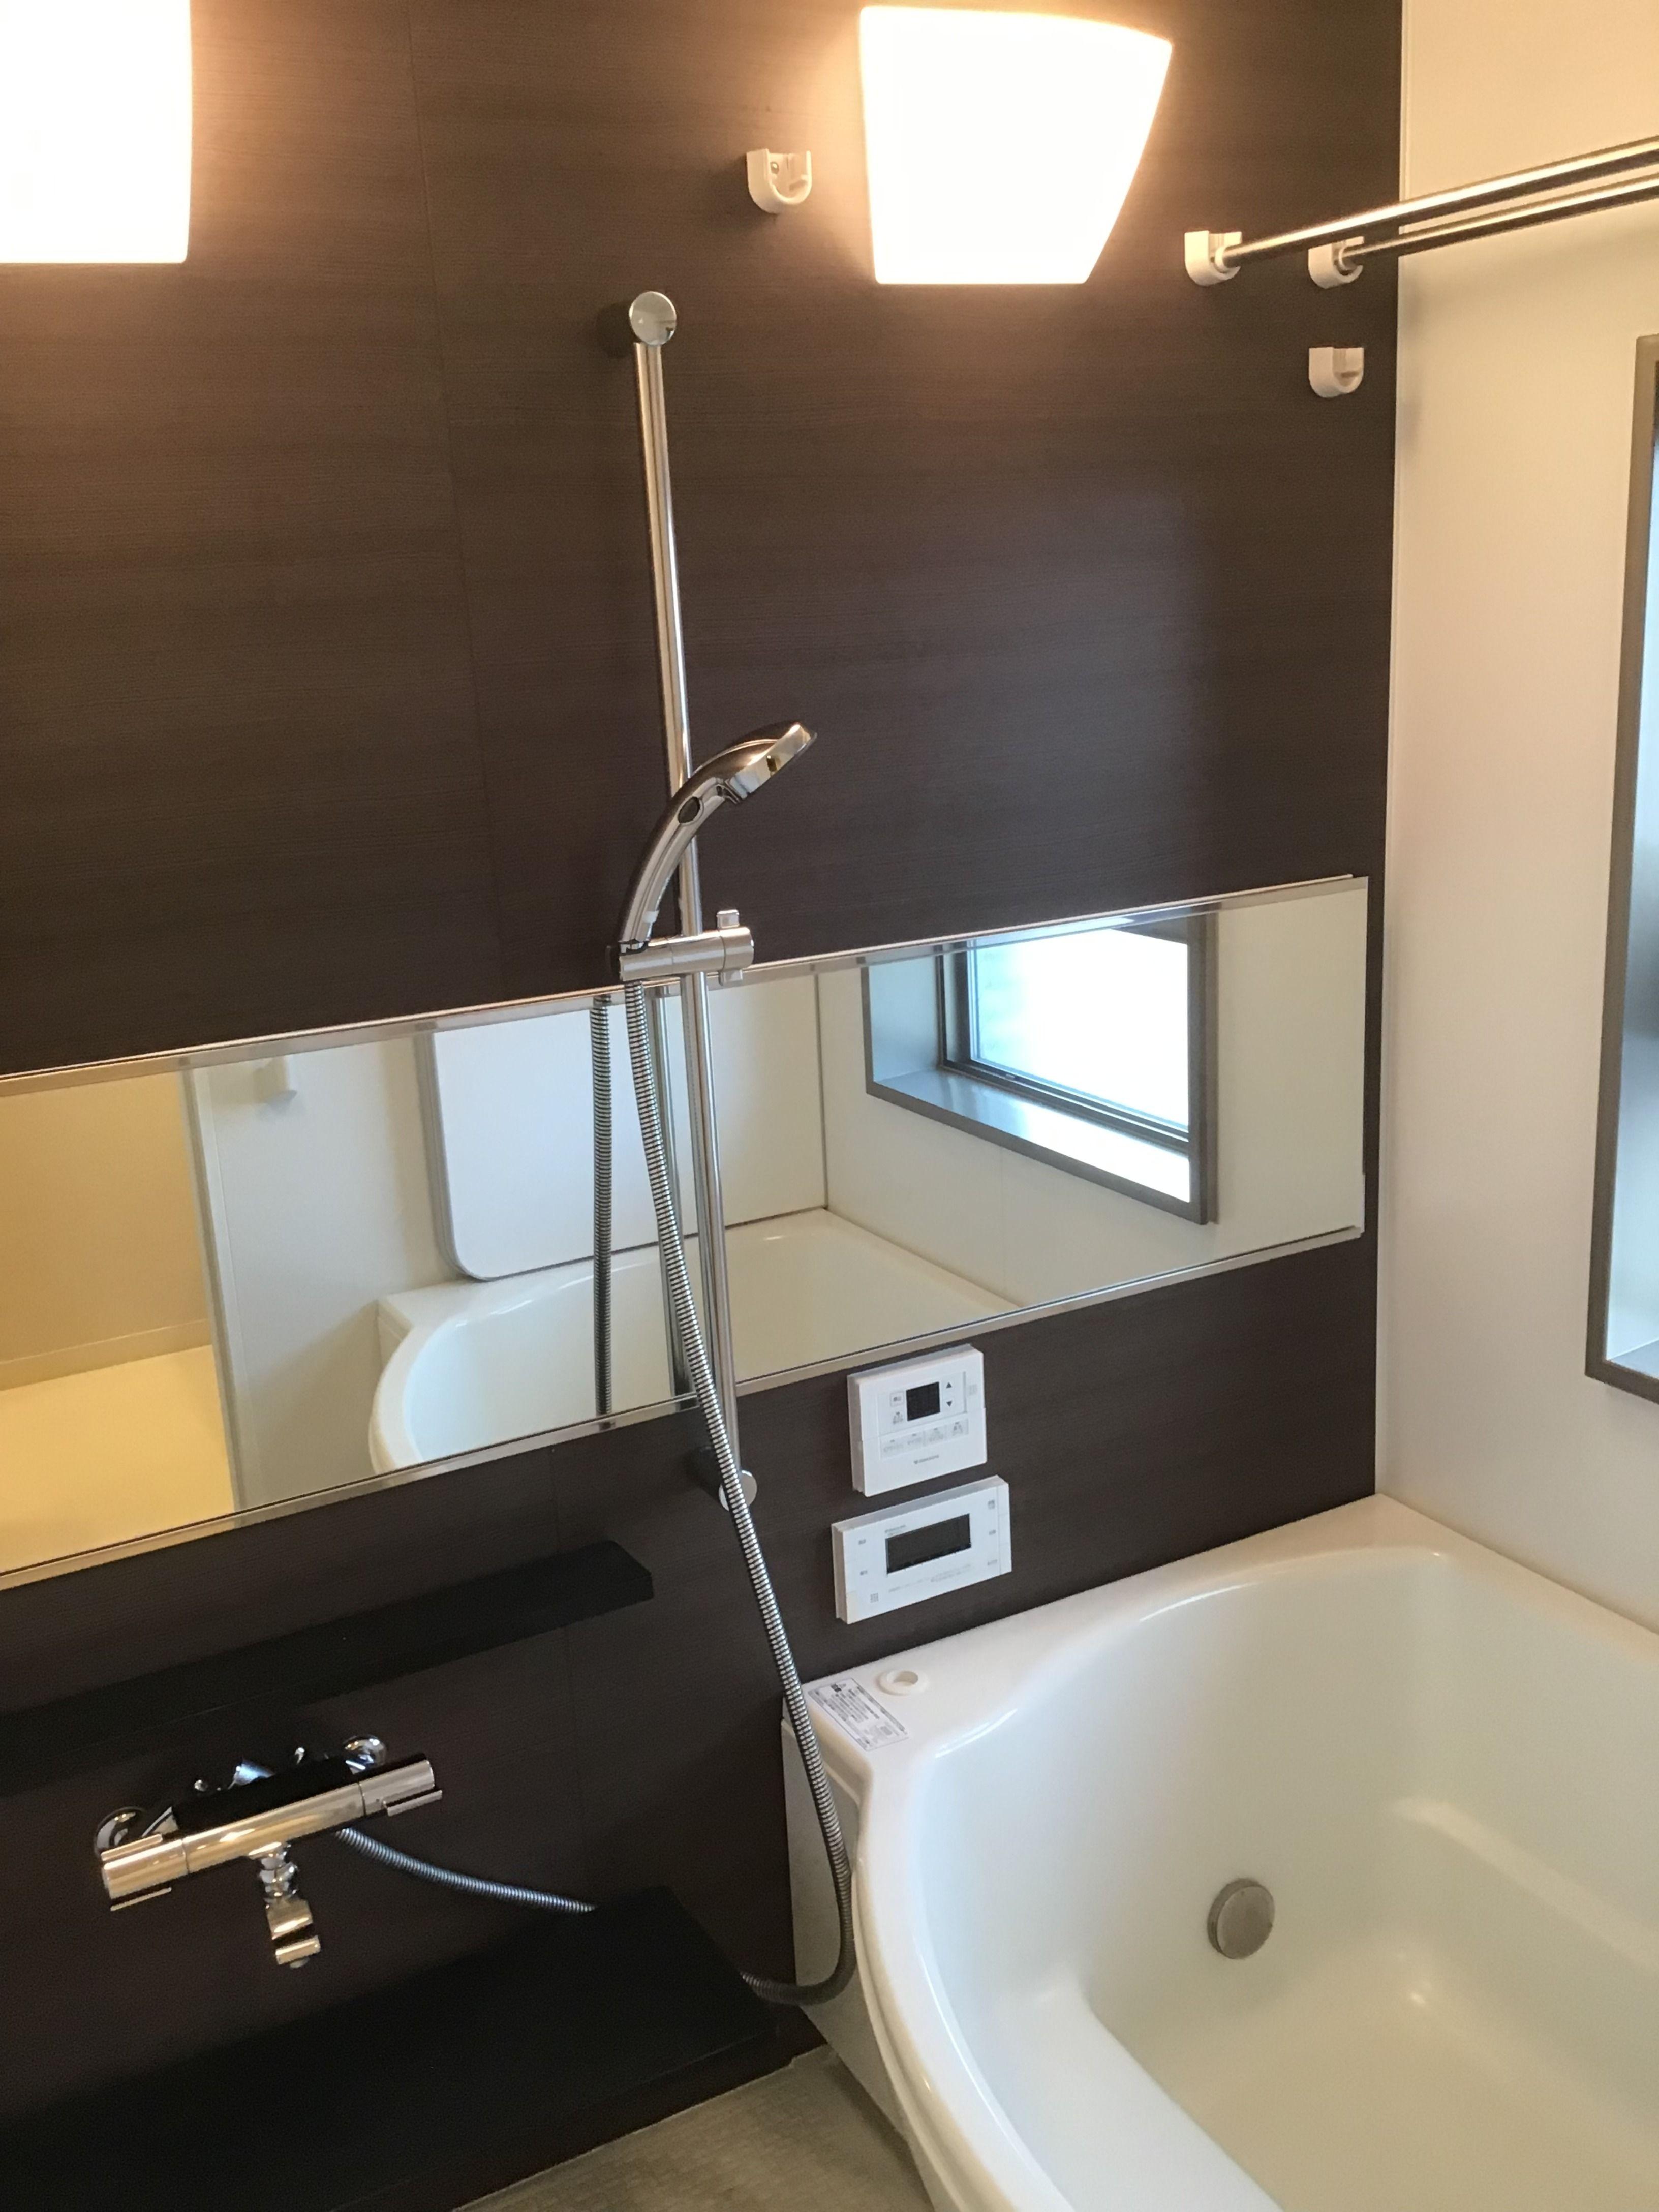 お風呂の鏡交換をしました バスルーム 鏡 バスルーム 鏡 お風呂